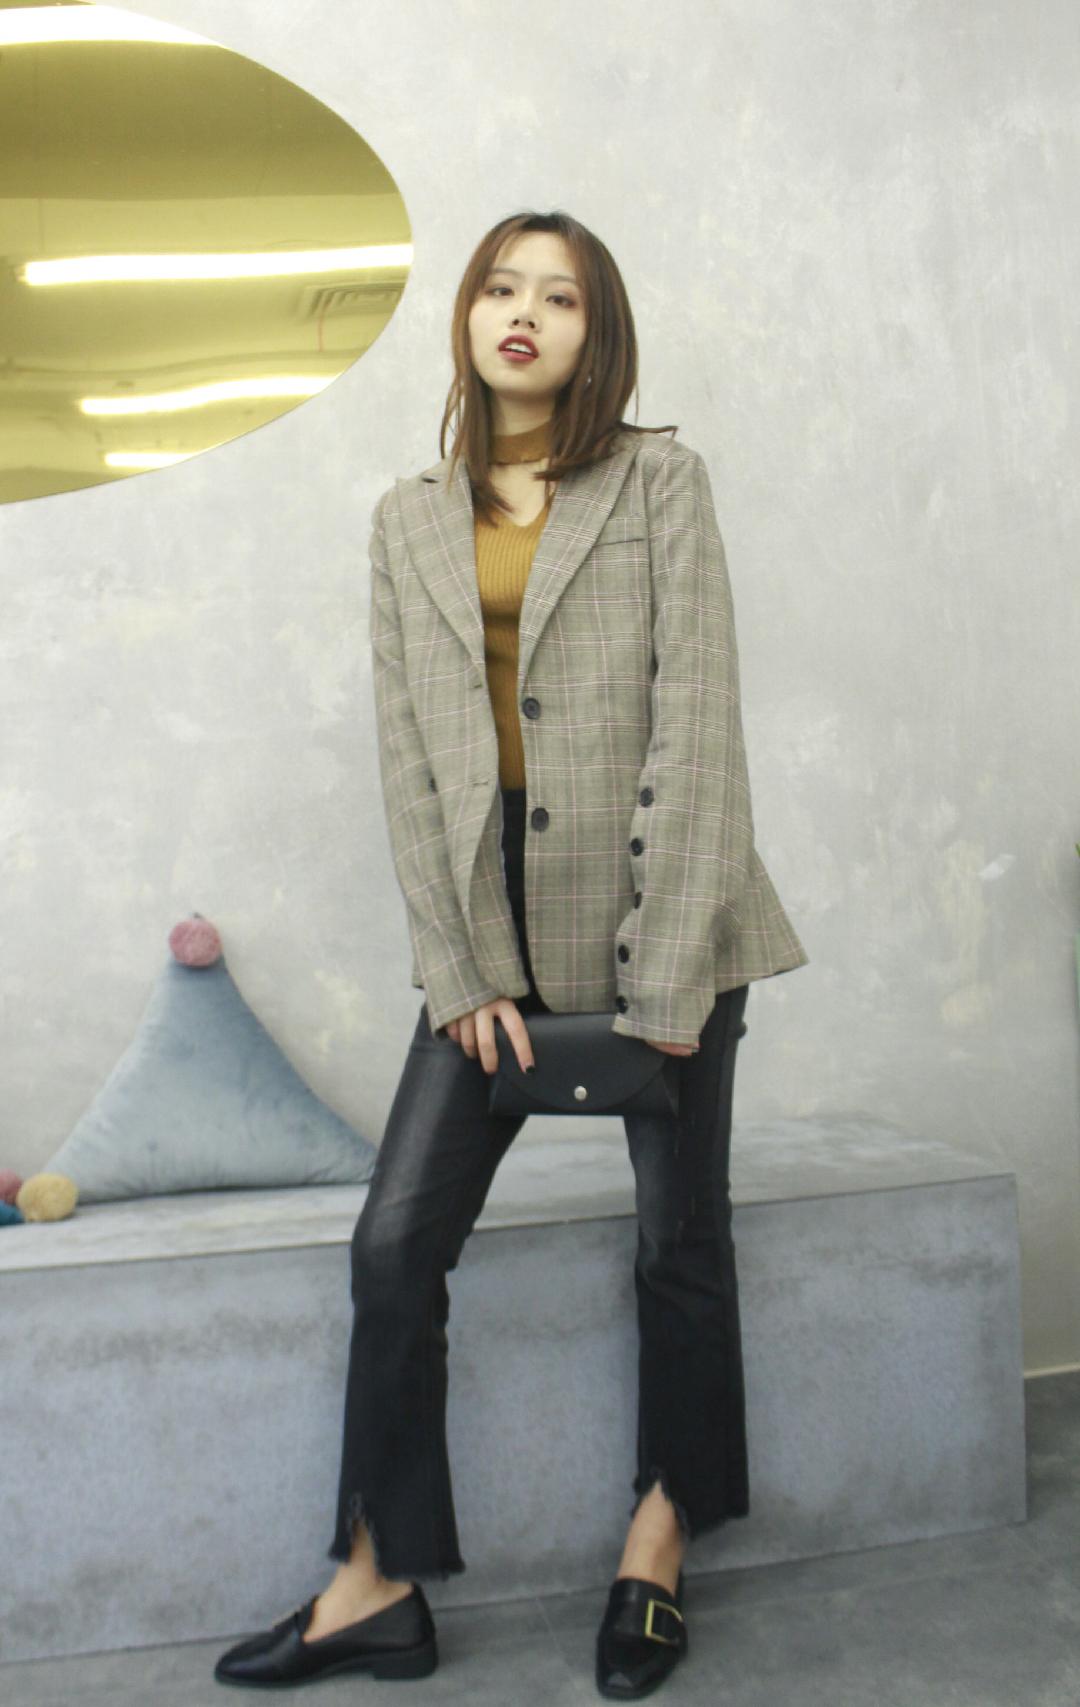 #换季衣橱之暖冬攻略#  外套:PIXIE MARKET 内搭:Santa Rita 老妮 裤子:Zeal Soul 西装一直是搭配里很火的元素 浅色格子西装外套 内搭针织衫 下身一件微喇的黑色牛仔裤 还有百搭的酷酷的皮鞋 手持职场风的包包 气场十足的白领范就此诞生啦!  关注我,教你用打扮去记录这个冬天